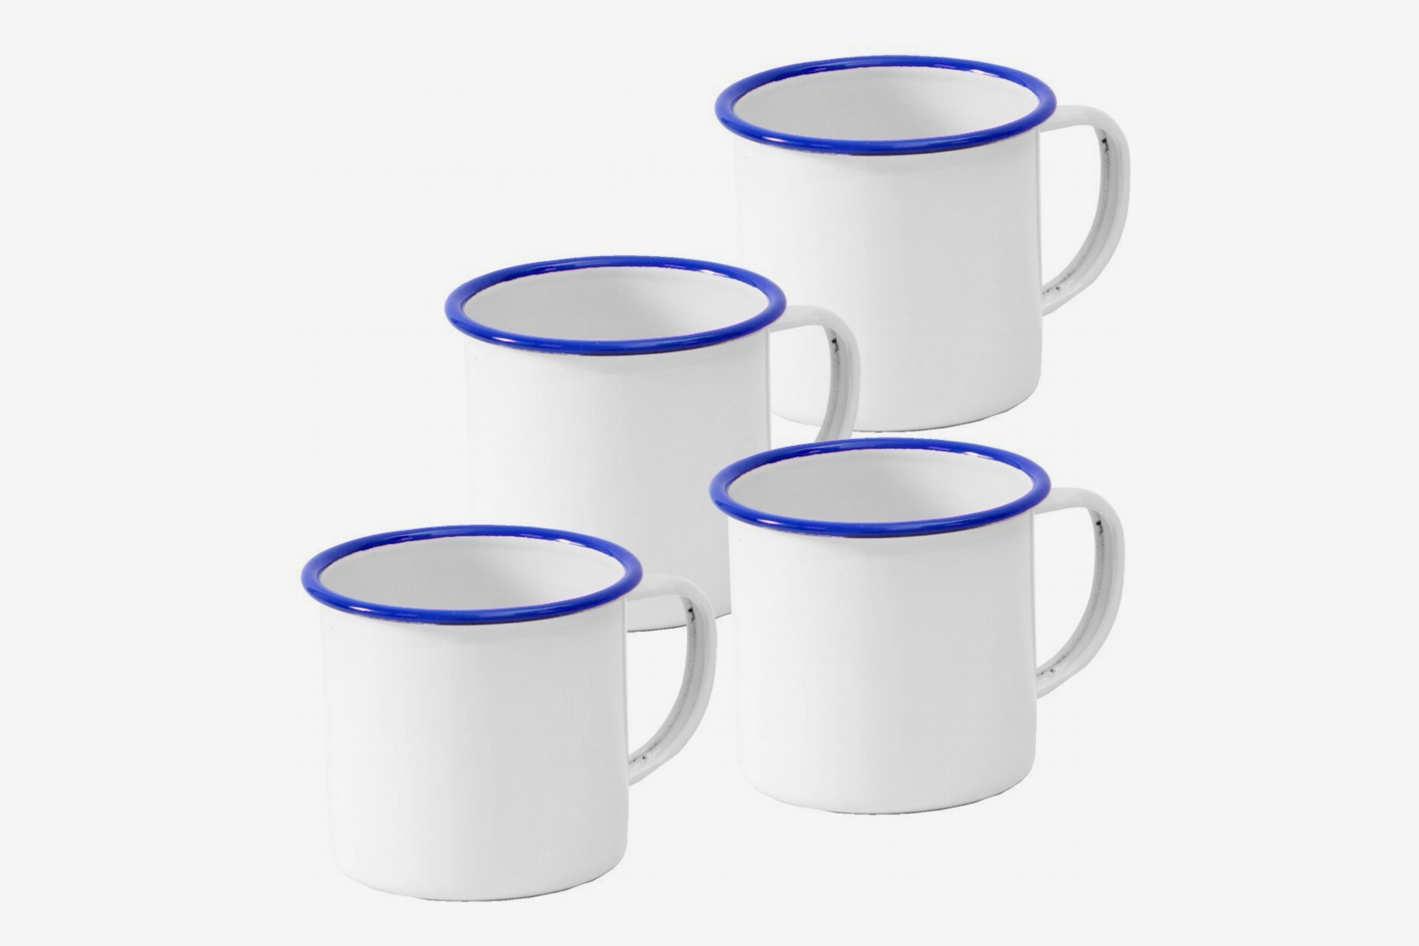 Crow Canyon Home Enamelware Mug, Set of 4